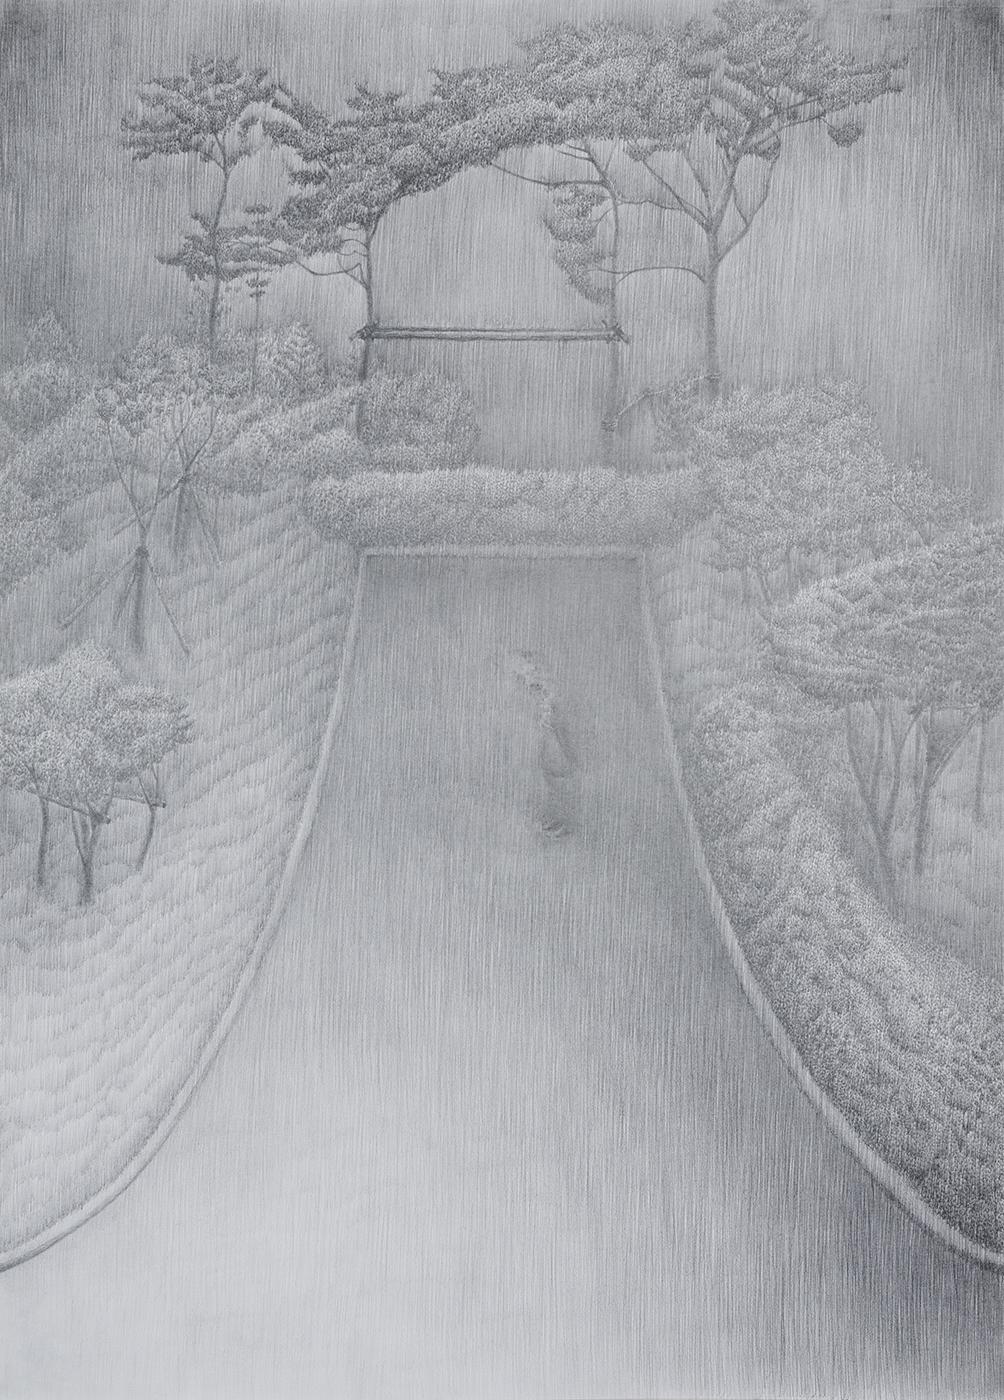 신도시-2 종이연필 79x109.2cm 2014